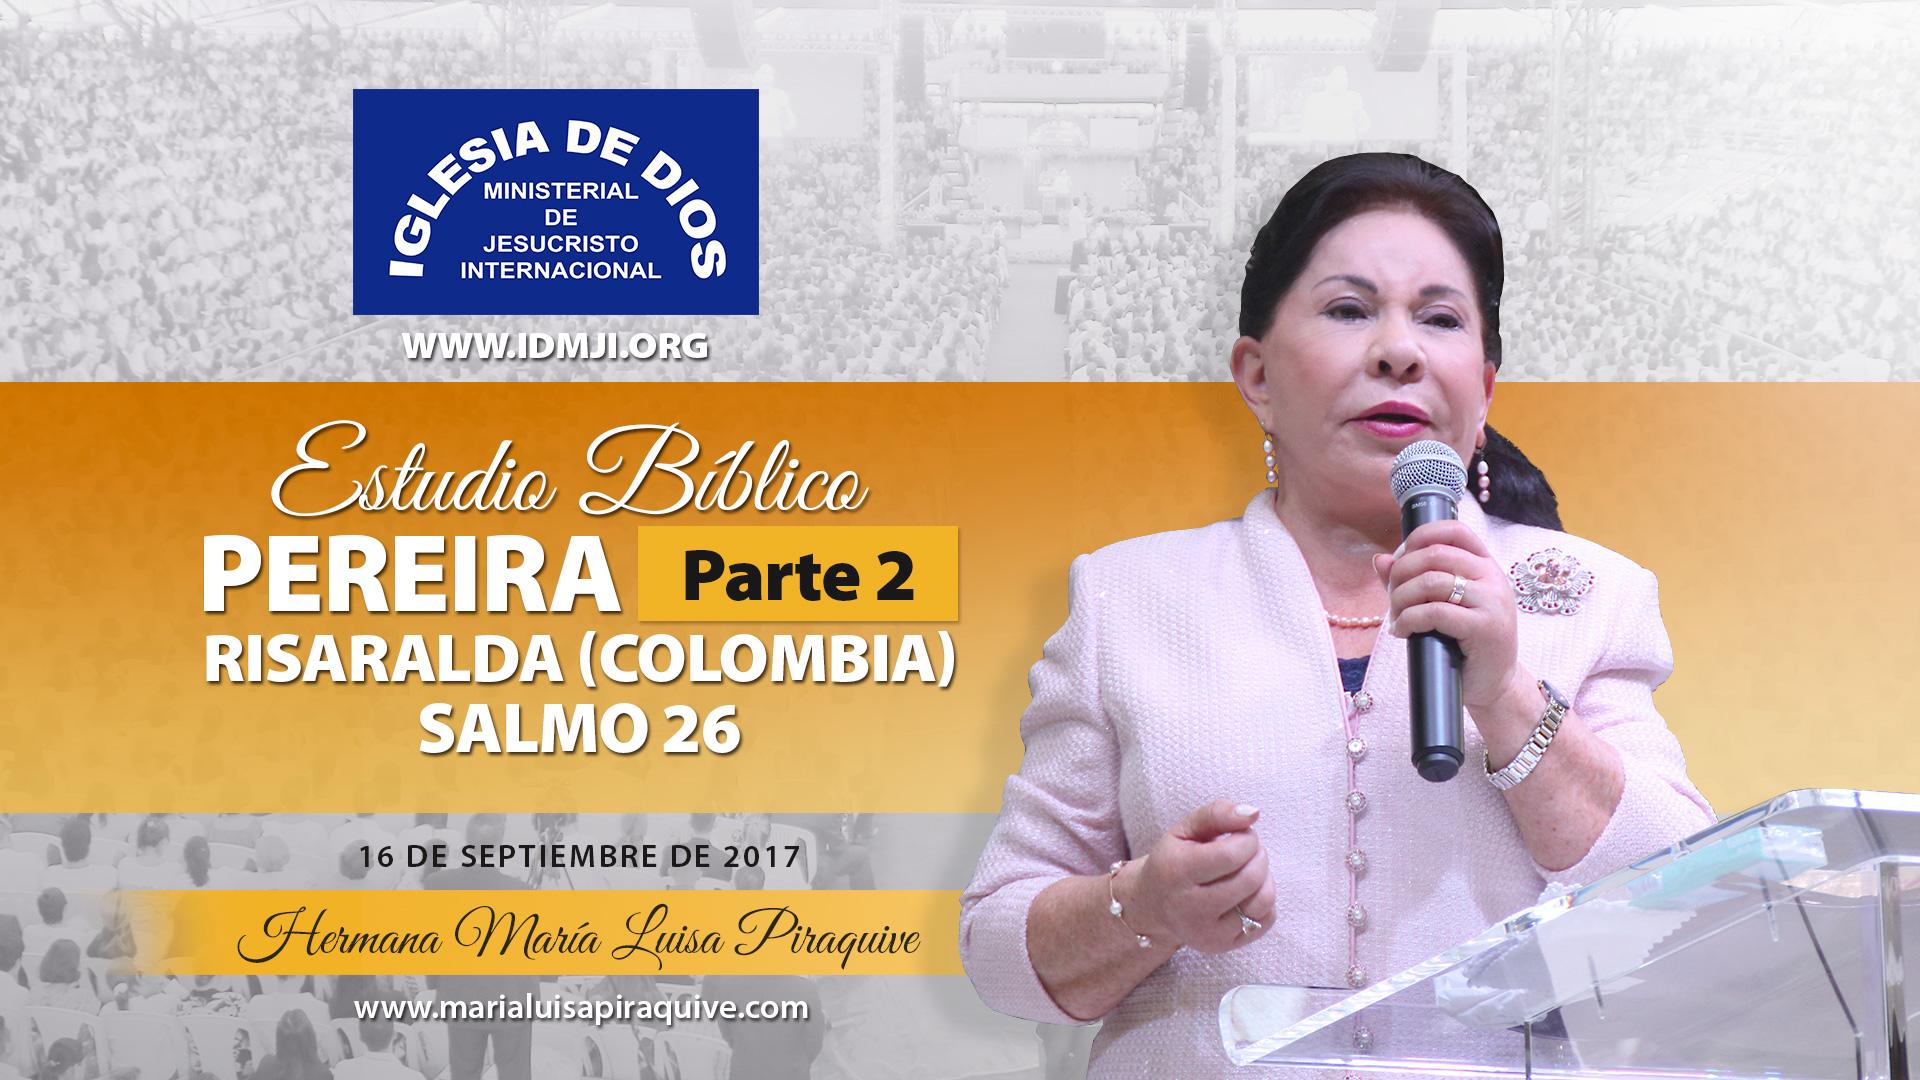 Estudio Bíblico en Pereira, Colombia (Parte 2)